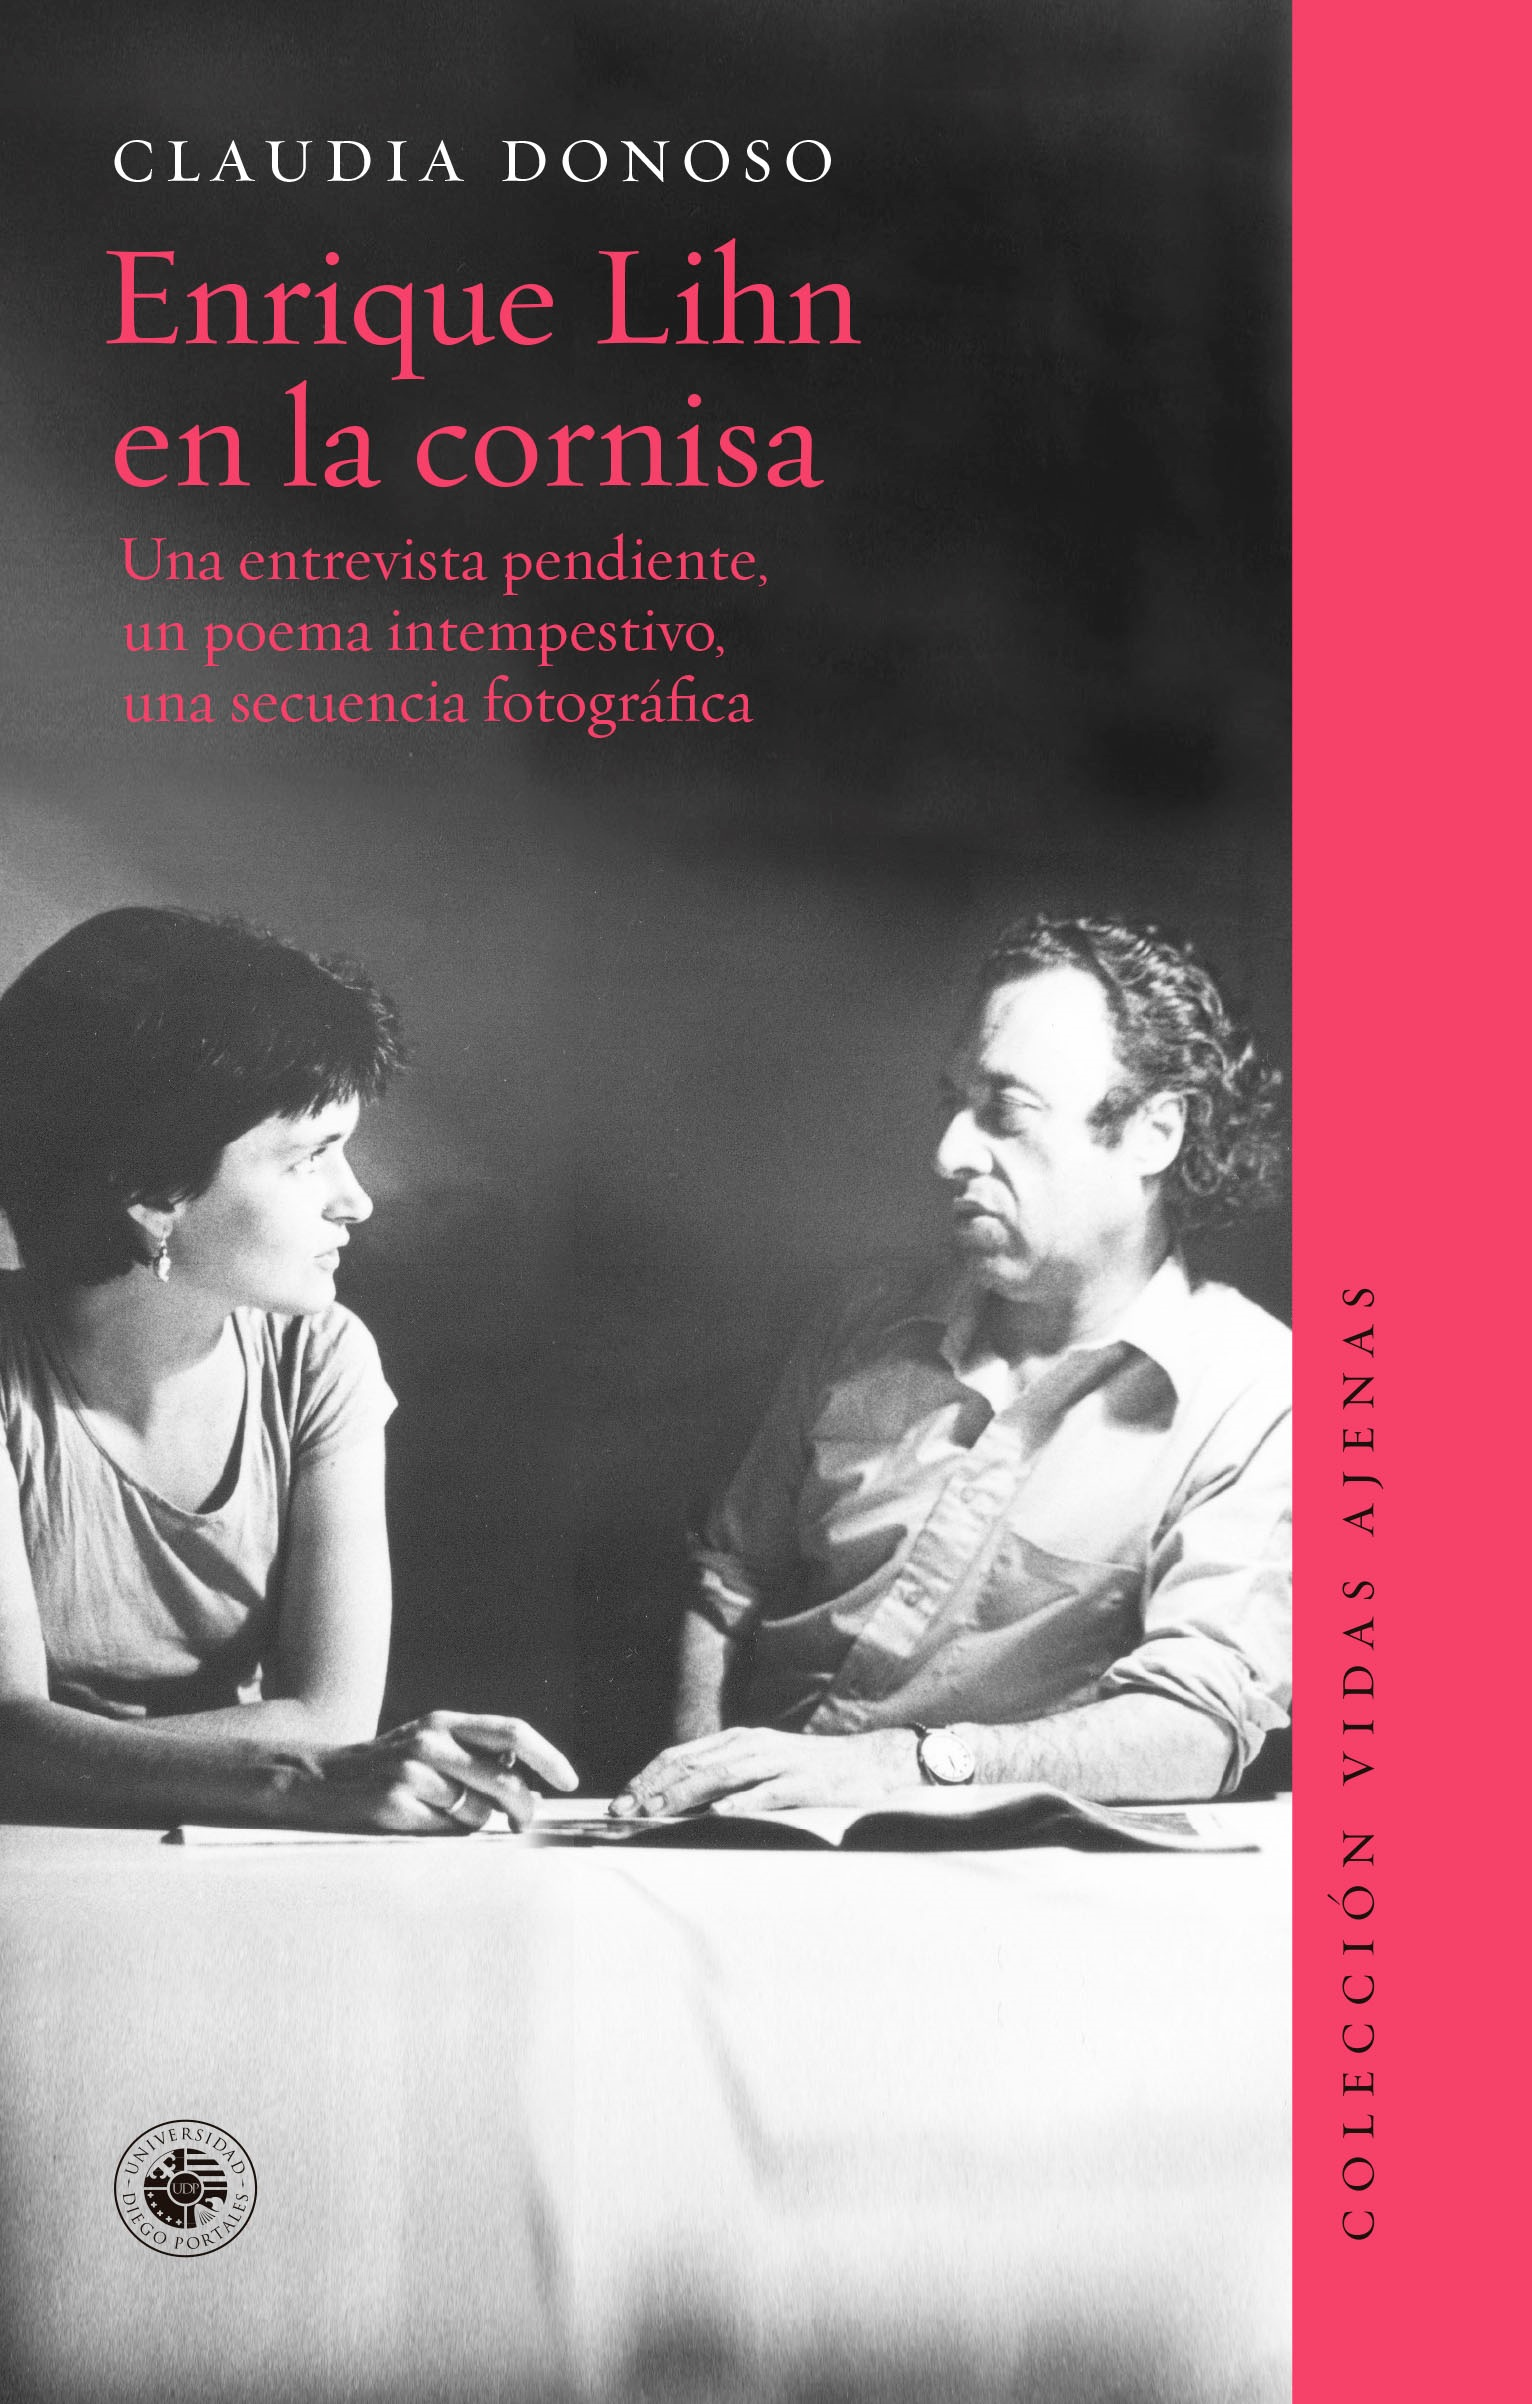 Enrique Lihn en la Cornisa - Claudia Donoso - Ediciones Udp